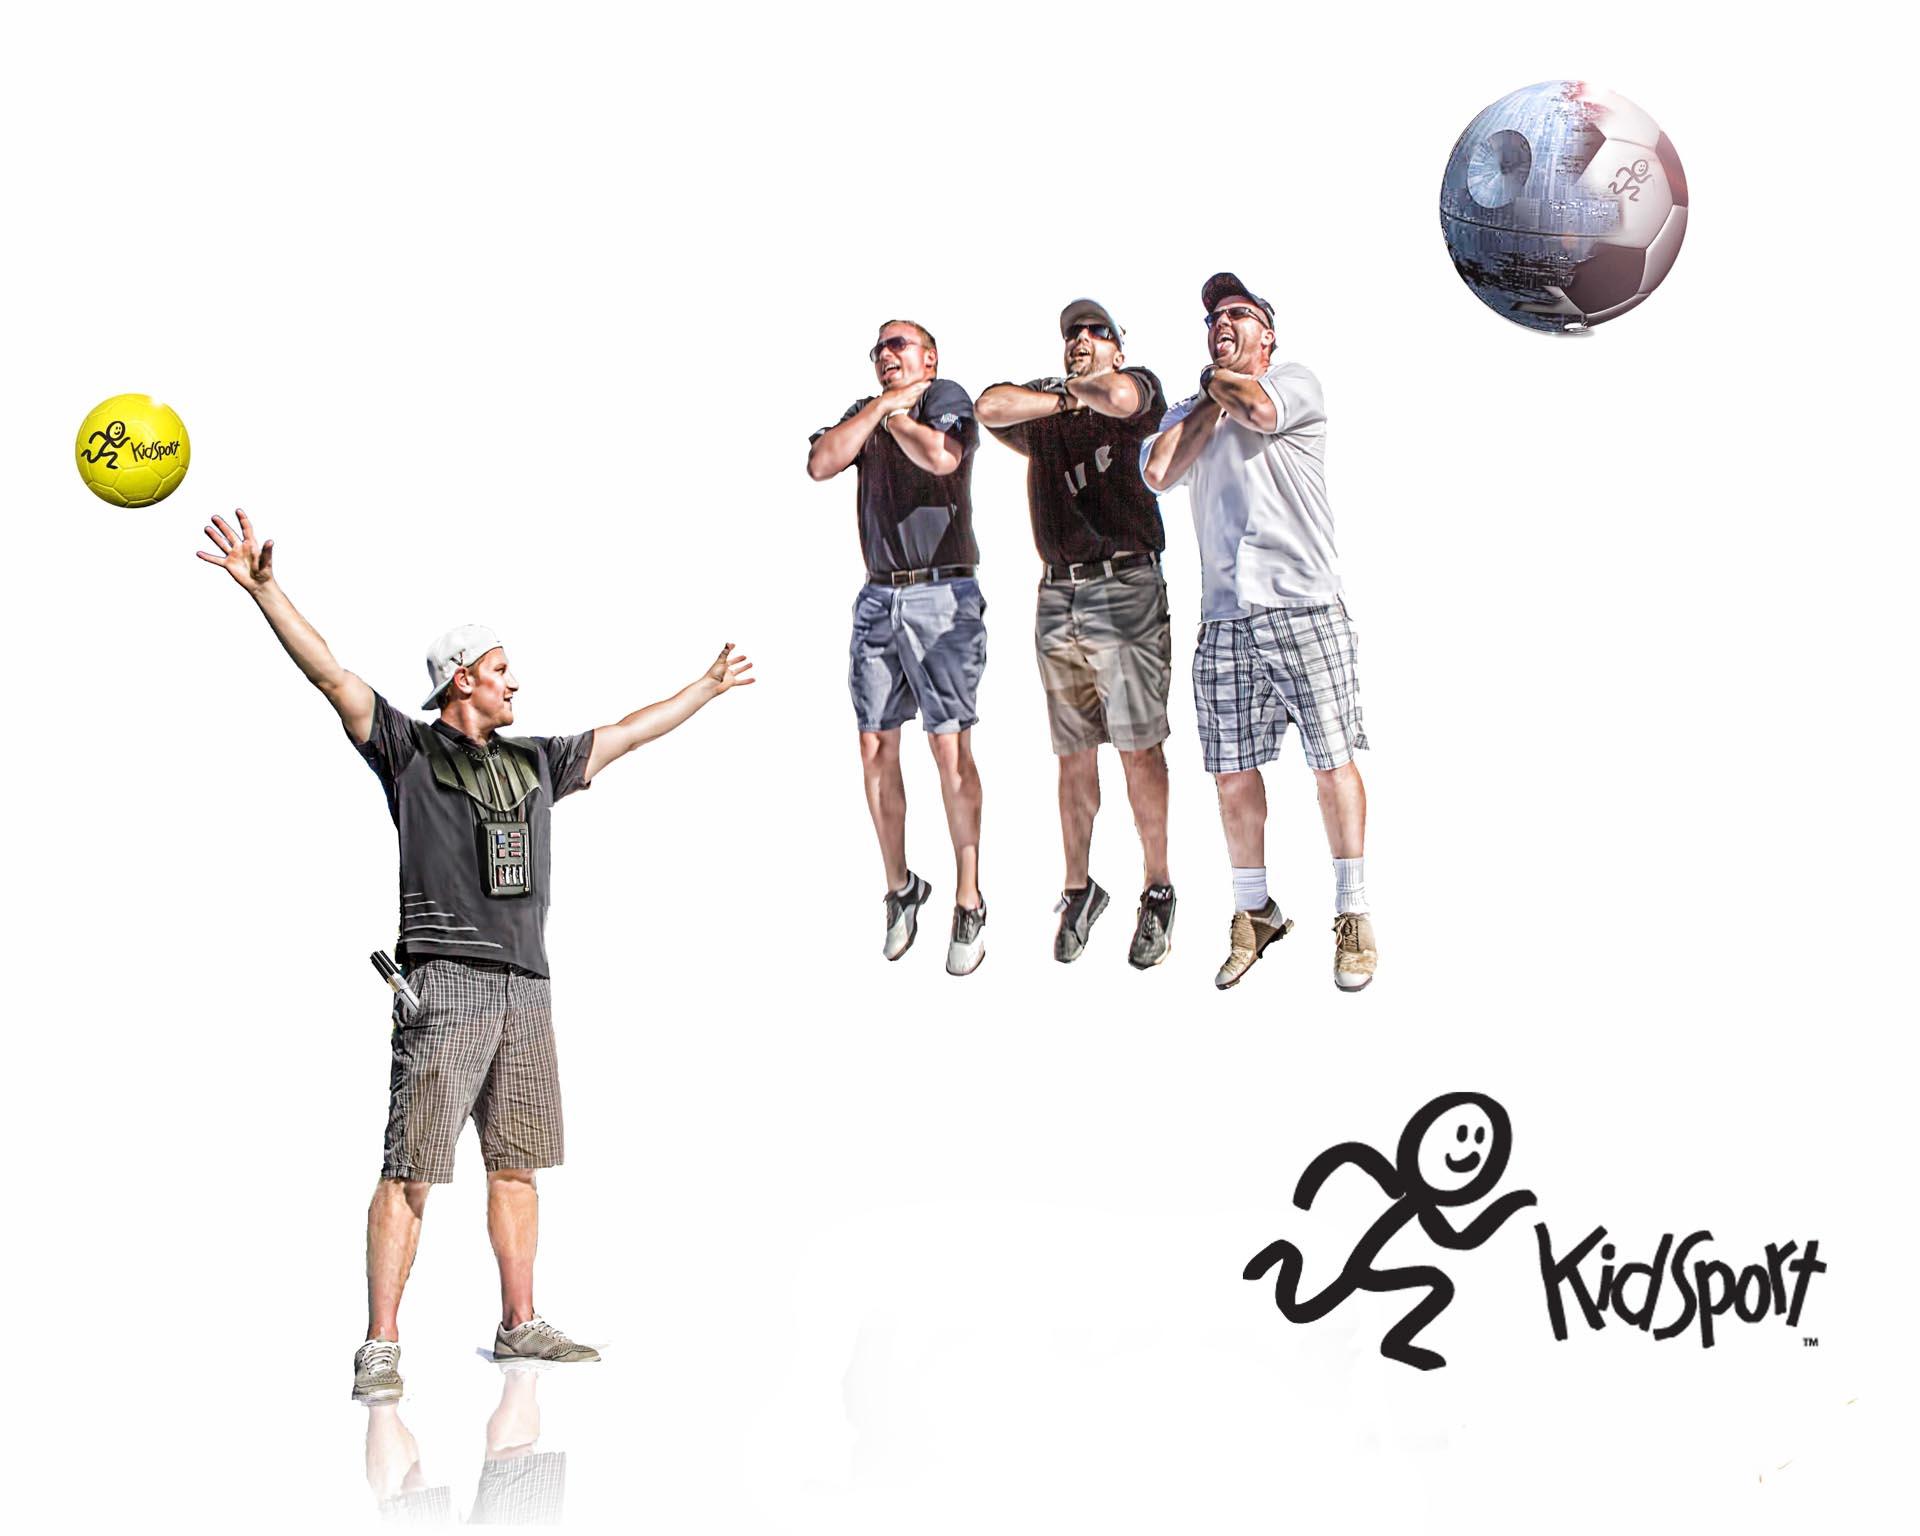 www.KidSport.ca/BCPhotos by www.SOMBILON.com